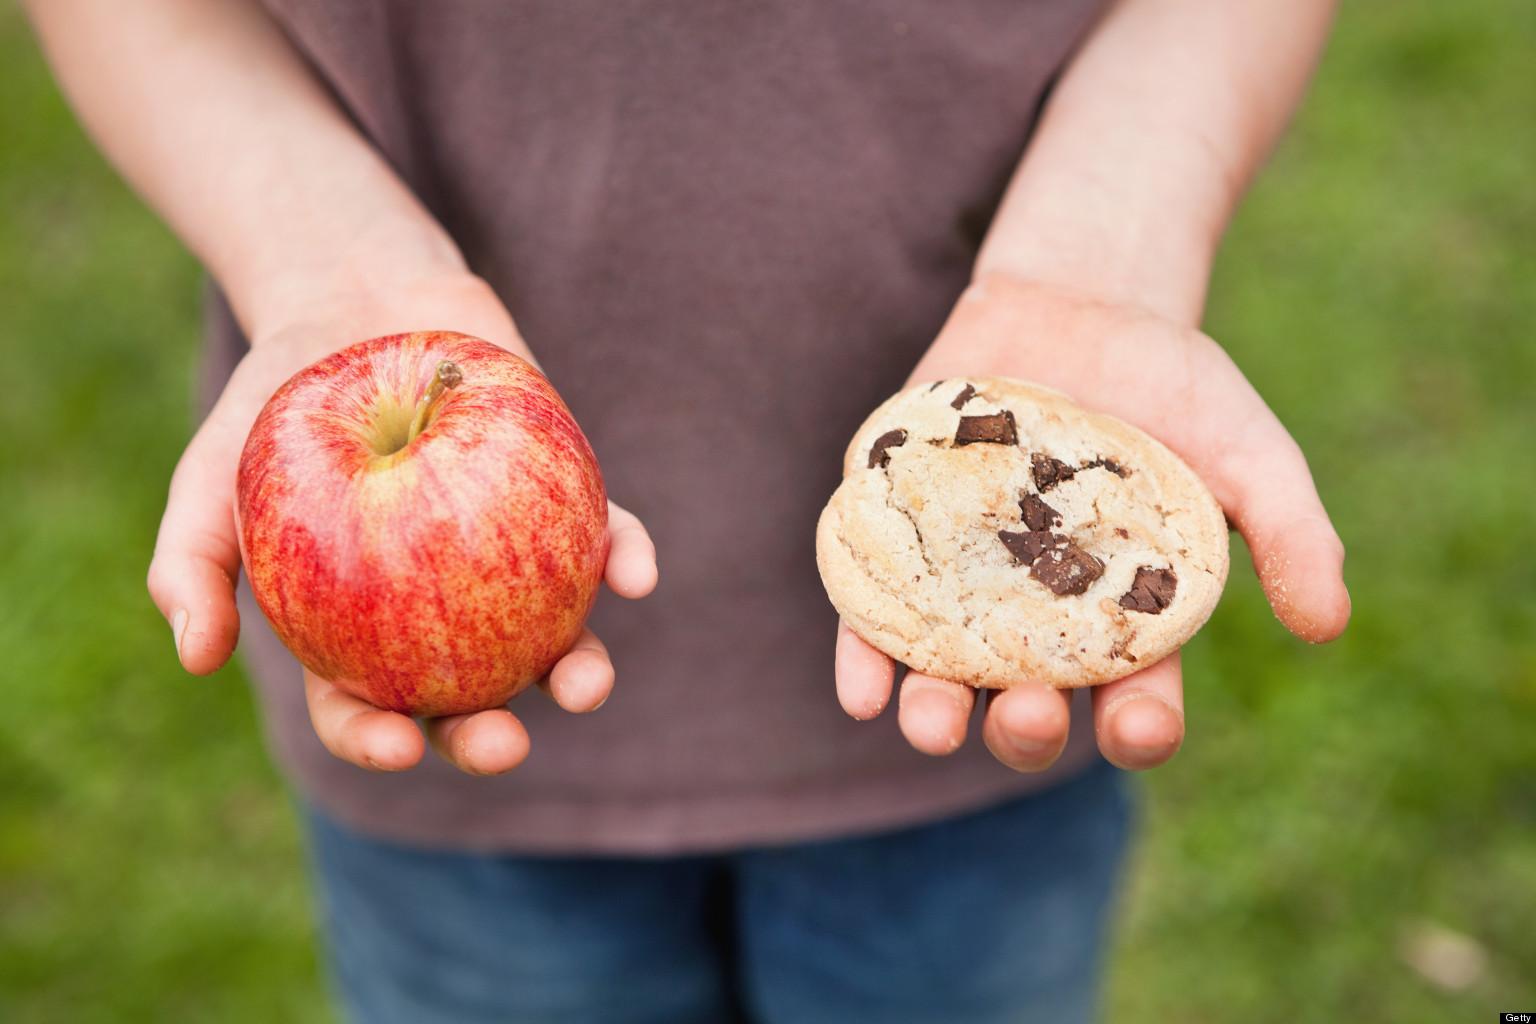 Menino segurando uma maça e um biscoito nas duas mãos.